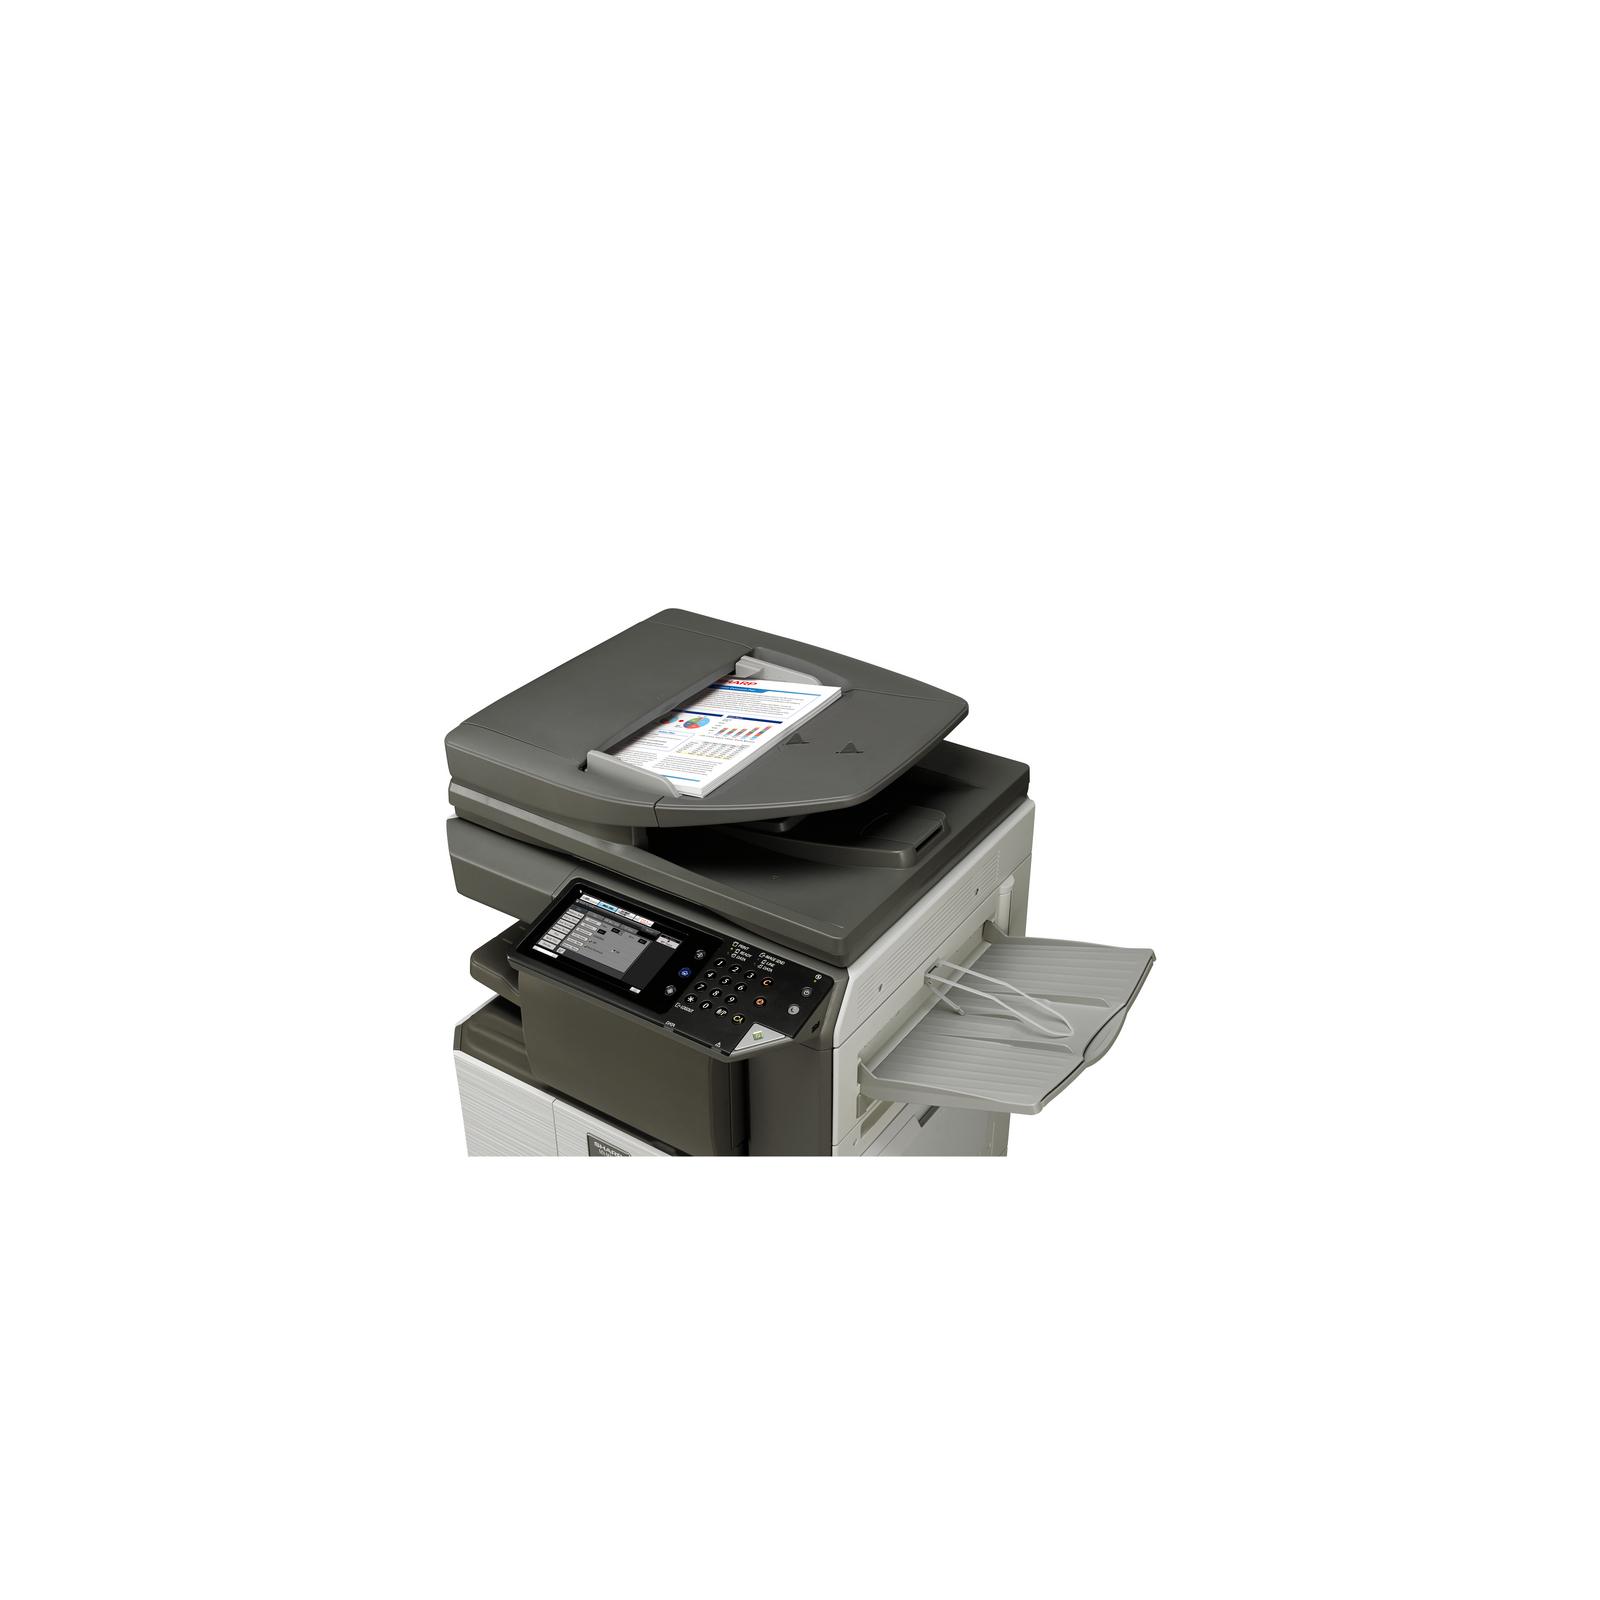 Многофункциональное устройство SHARP MXM2666N (MXM266N) изображение 4